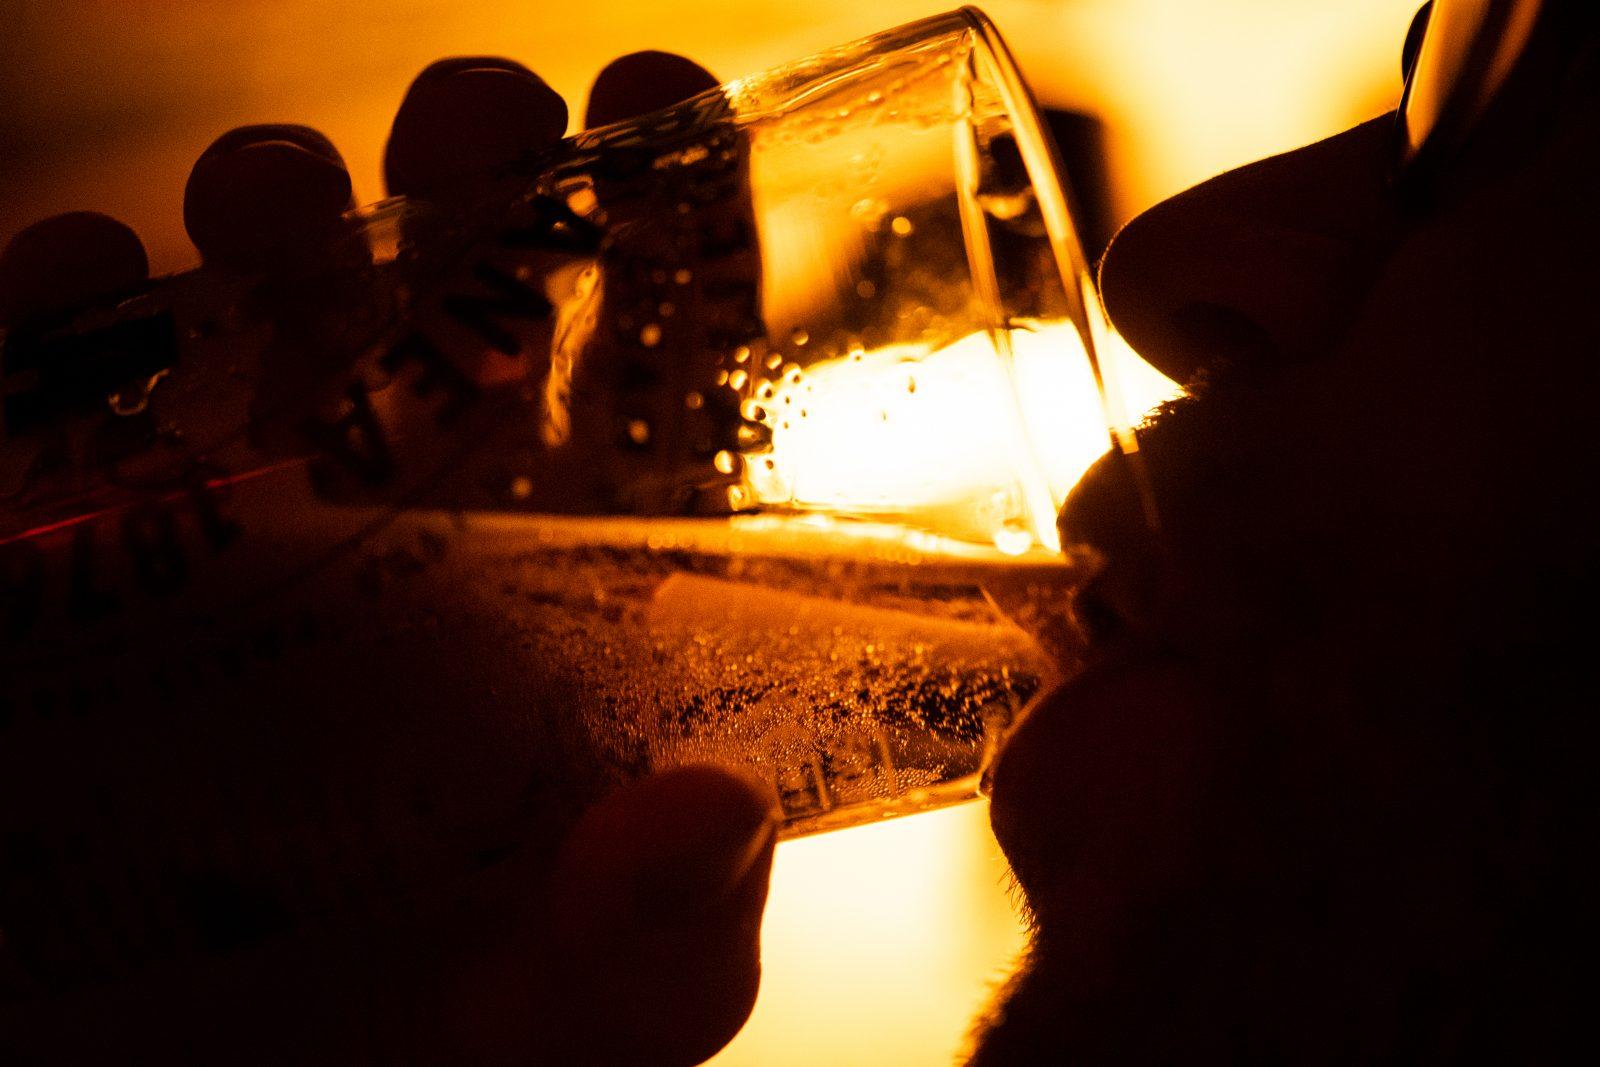 """Die """"Dixie"""" Brauerei in New Orleans will den Bezug zu den US-Südstaaten aus dem Namen streichen (Symbolbild) Foto: picture alliance / dpa Themendienst"""